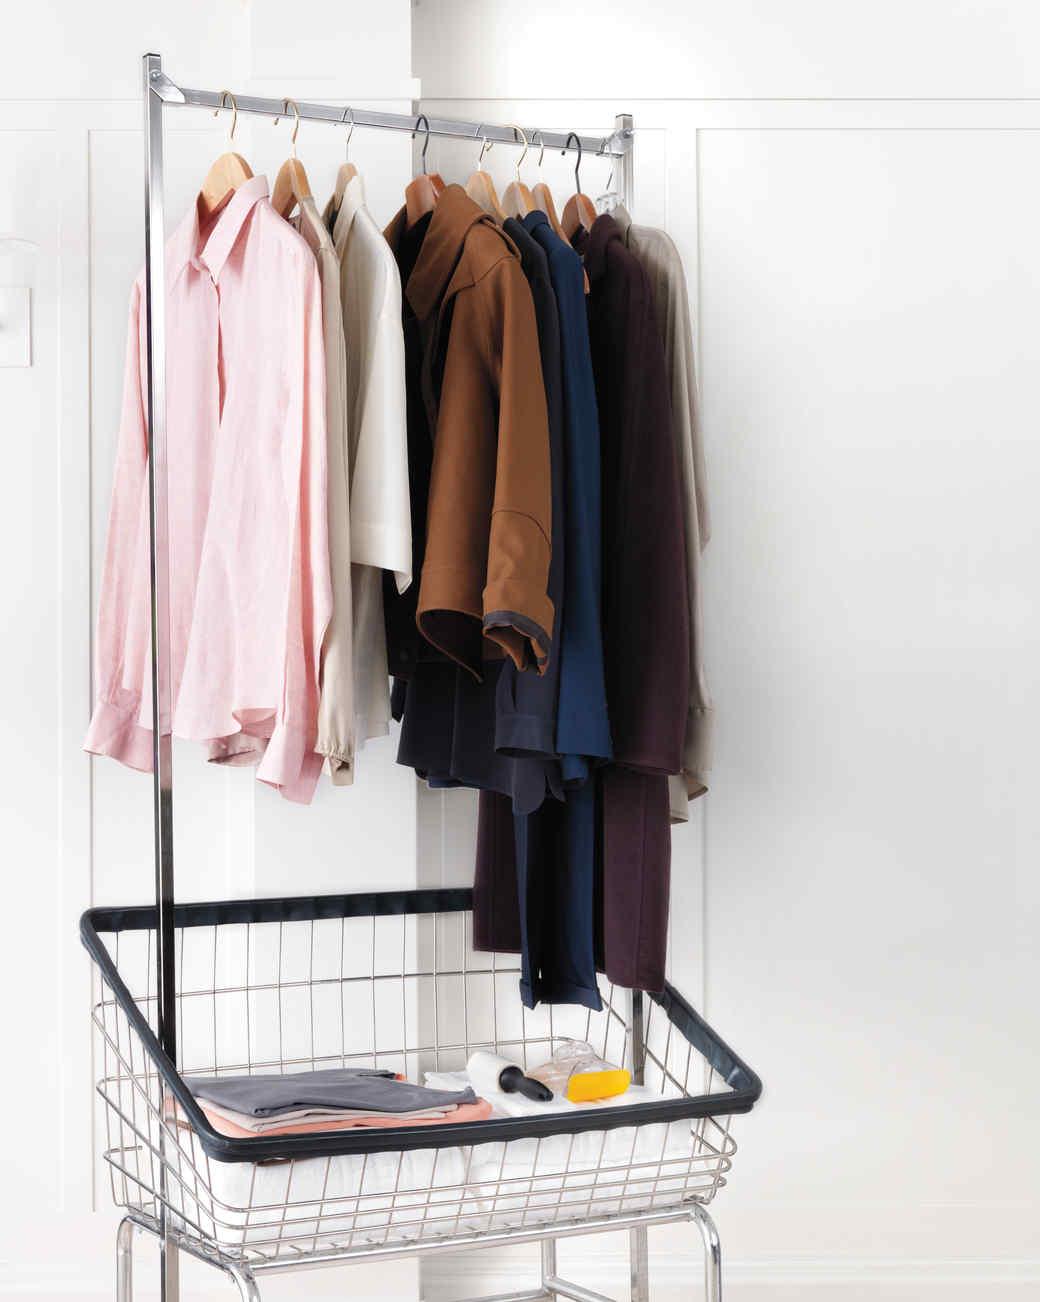 laundry-rack-d111389-013.jpg